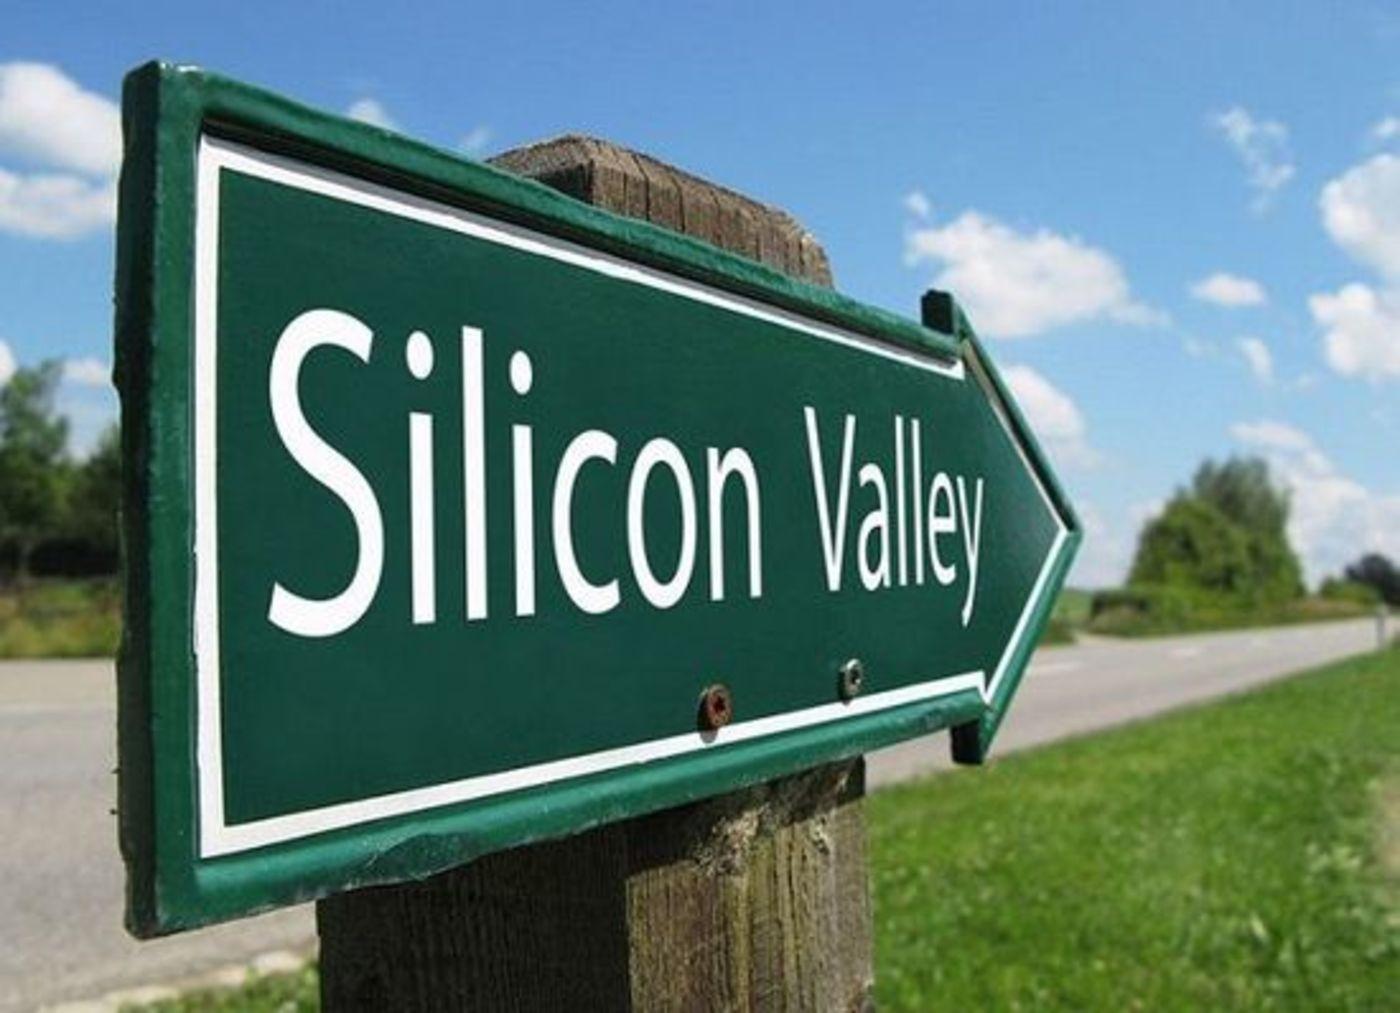 要想更懂得硅谷,你应该读读这11本原版书-钛媒体官方网站